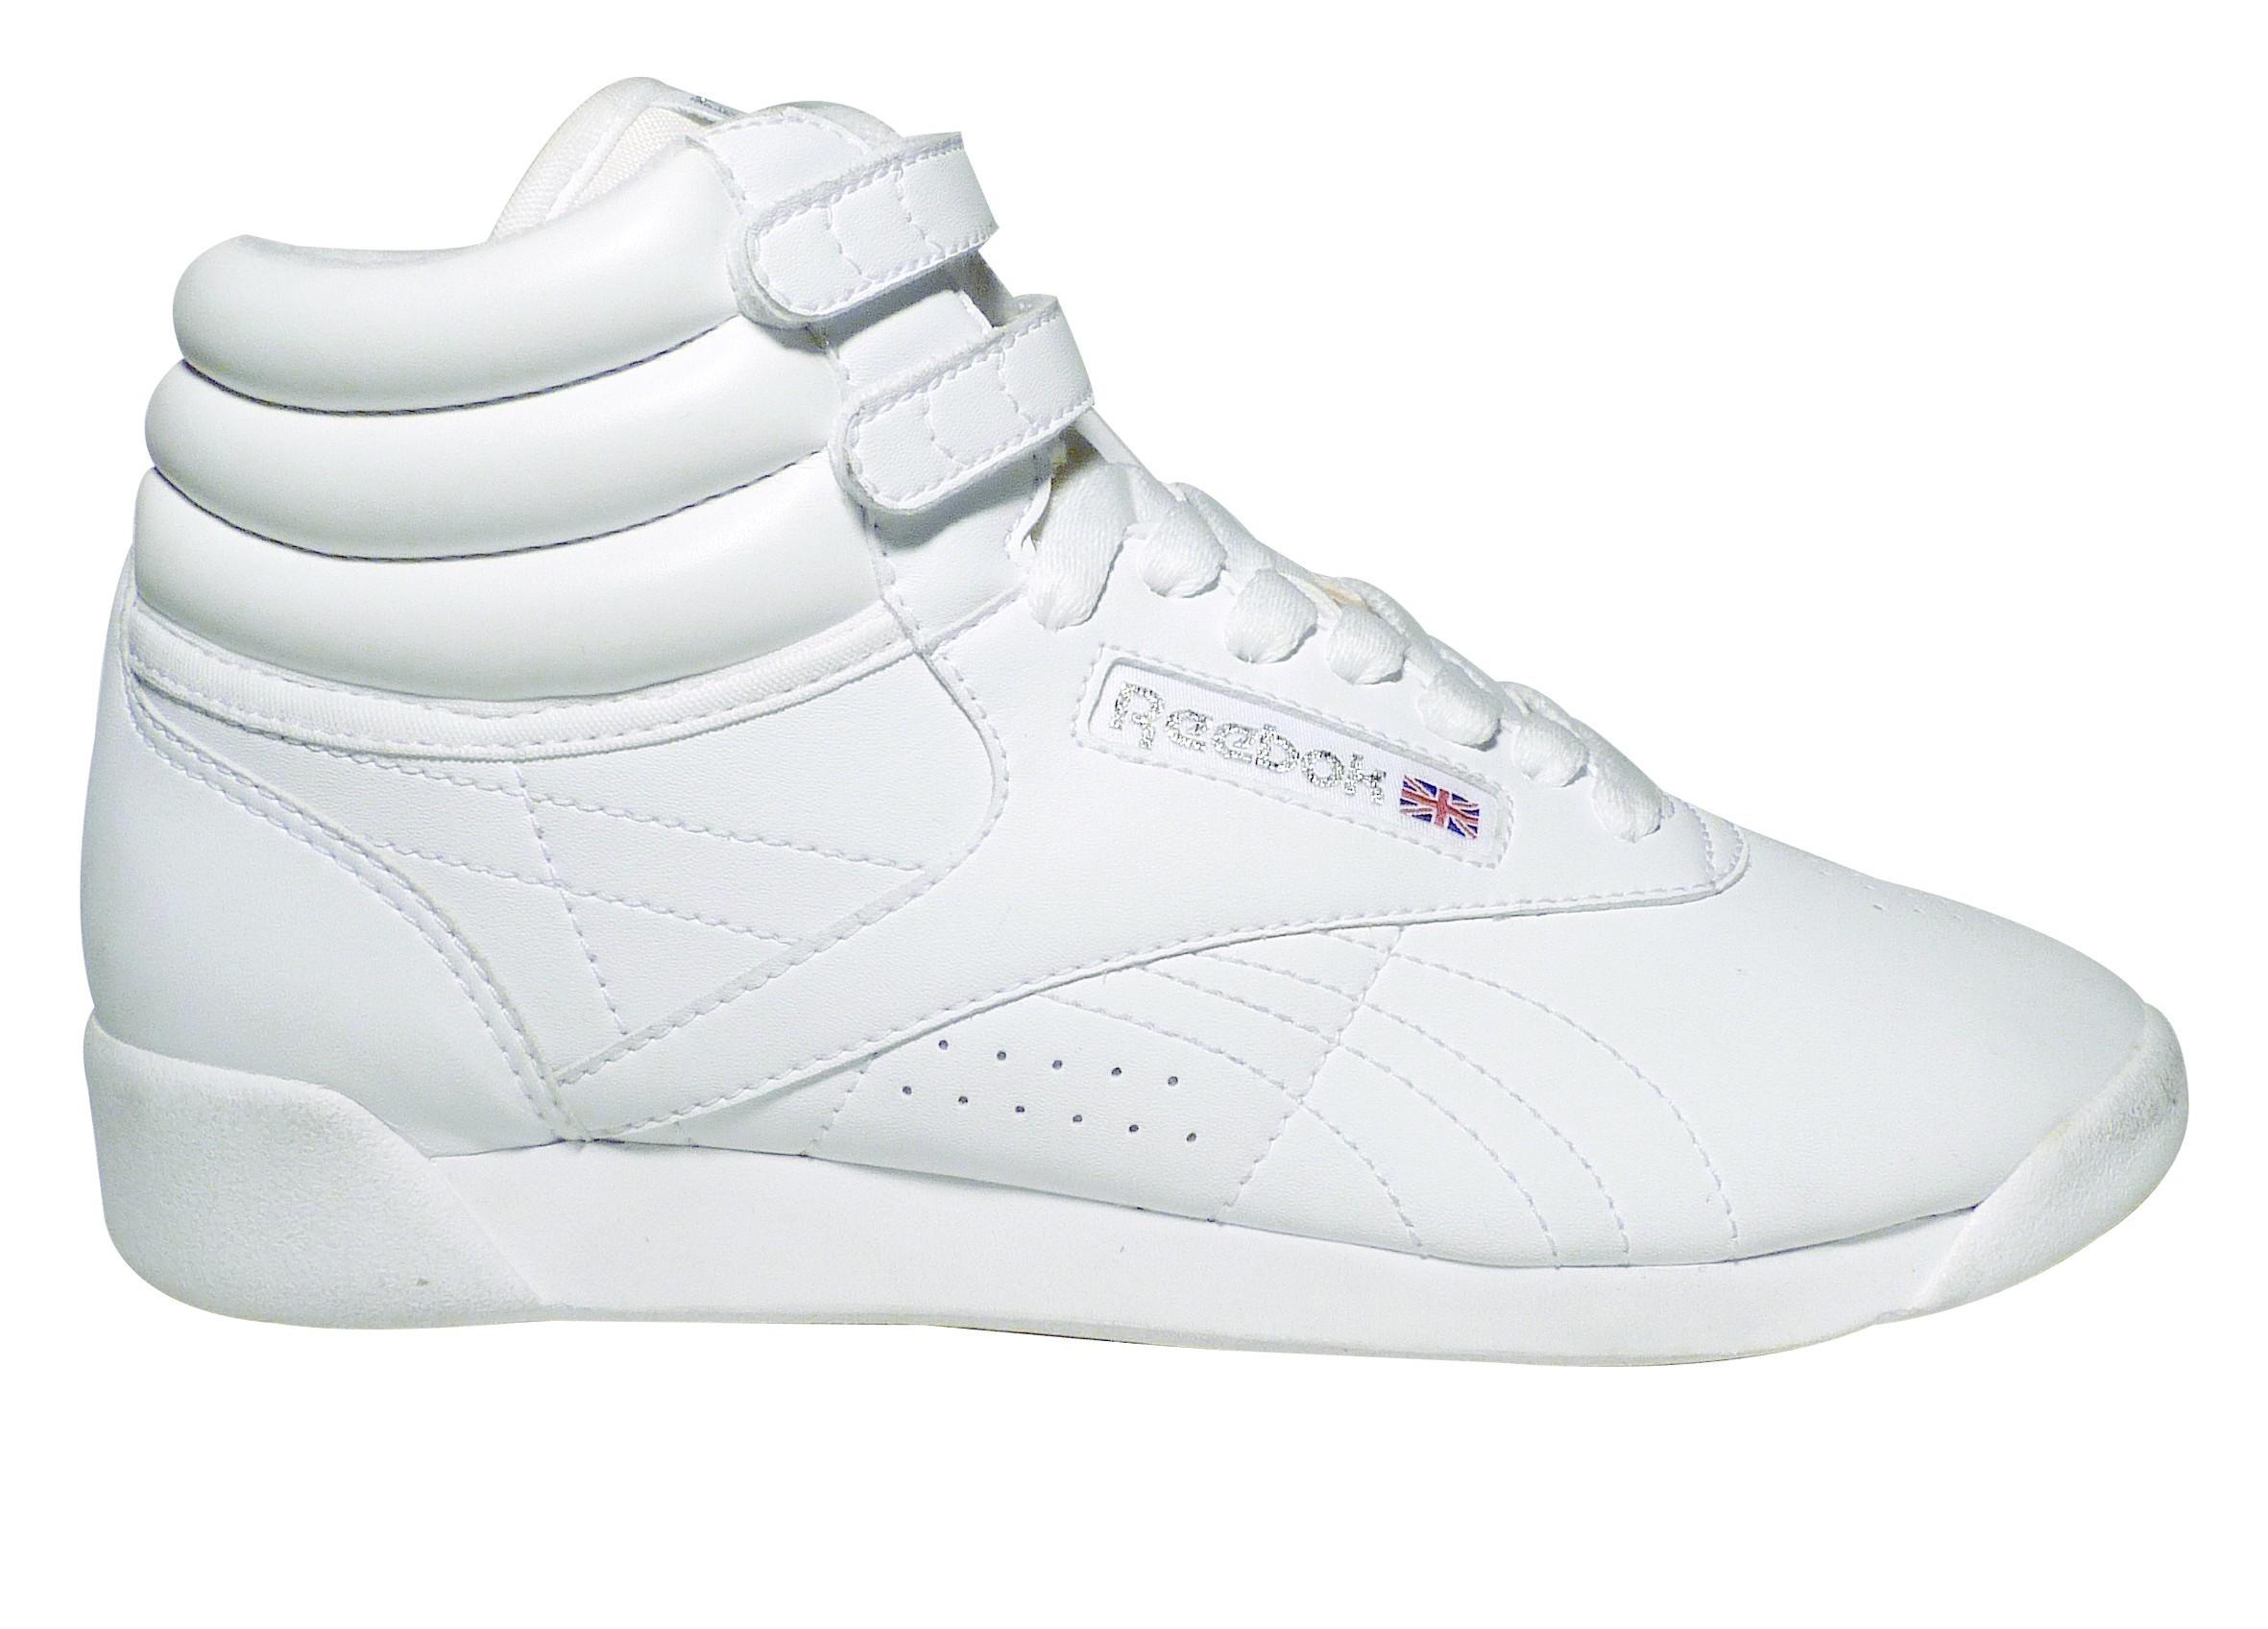 RACS124 WHITE